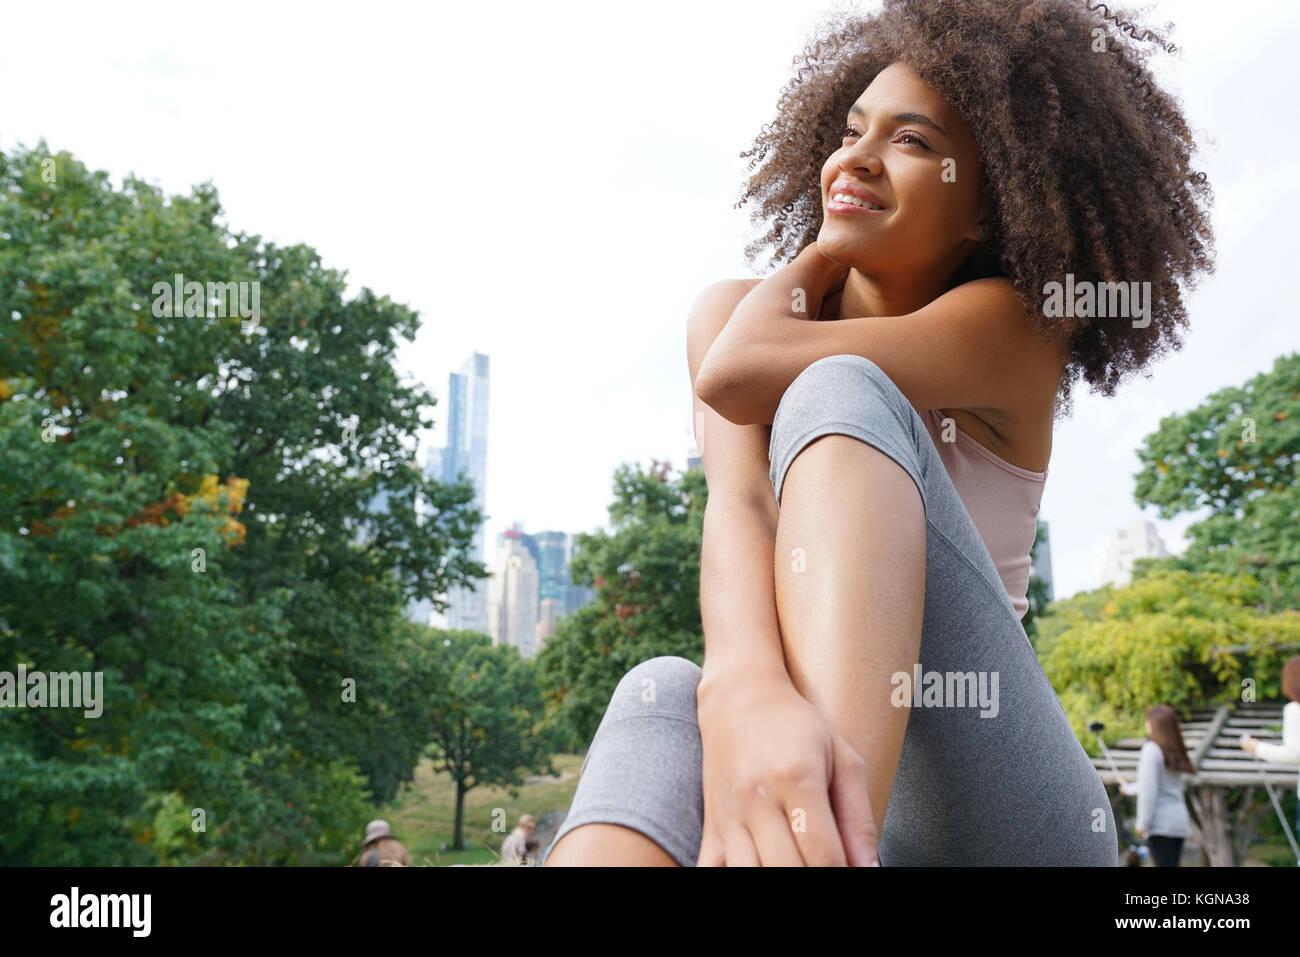 Bella mujer haciendo ejercicios de relajación en el parque central Imagen De Stock